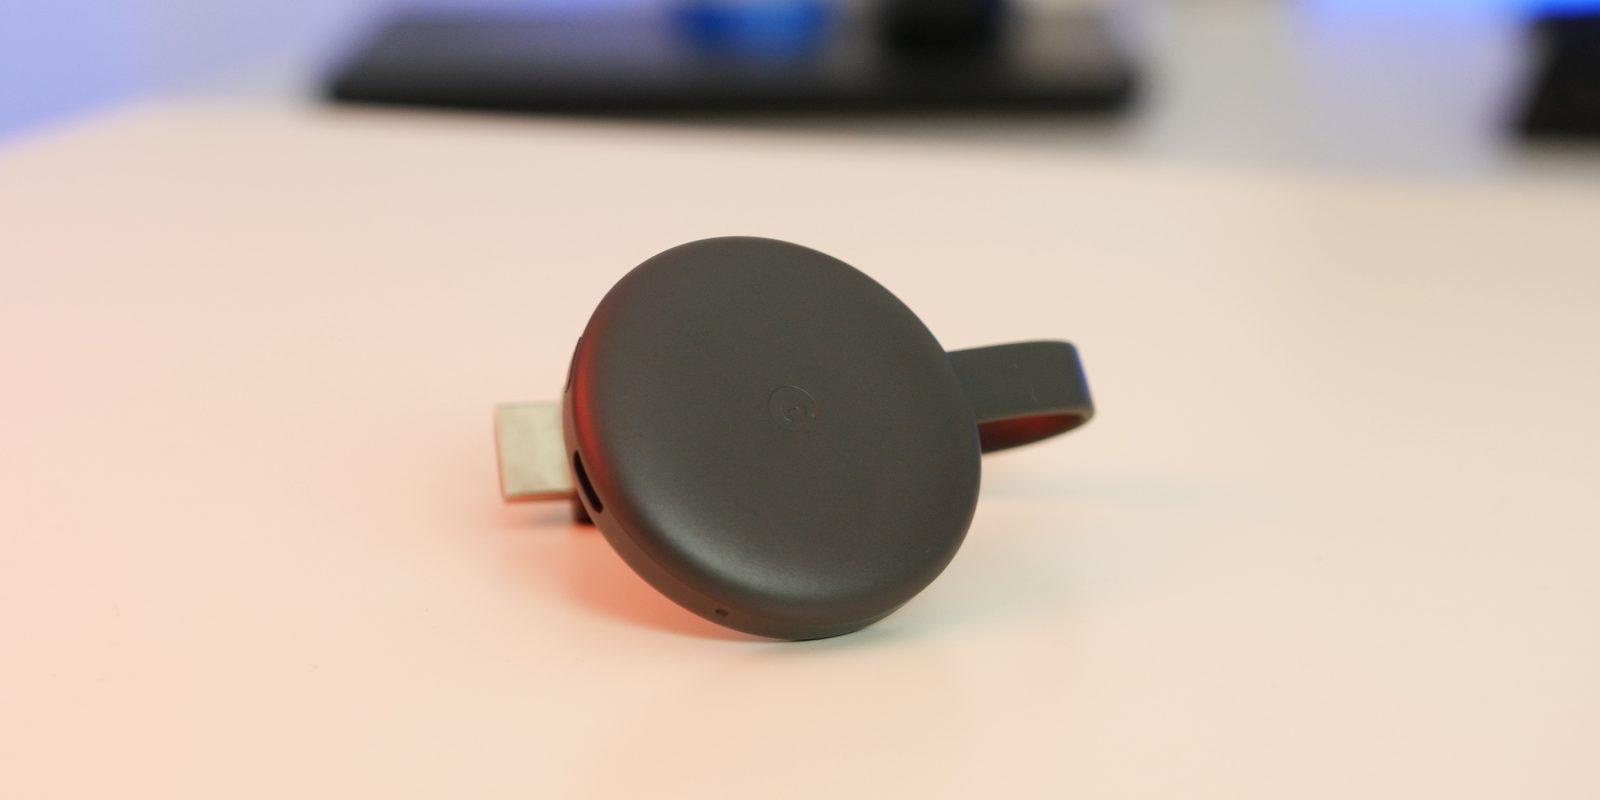 Friday's deals: Google Chromecast, Chromebooks, more